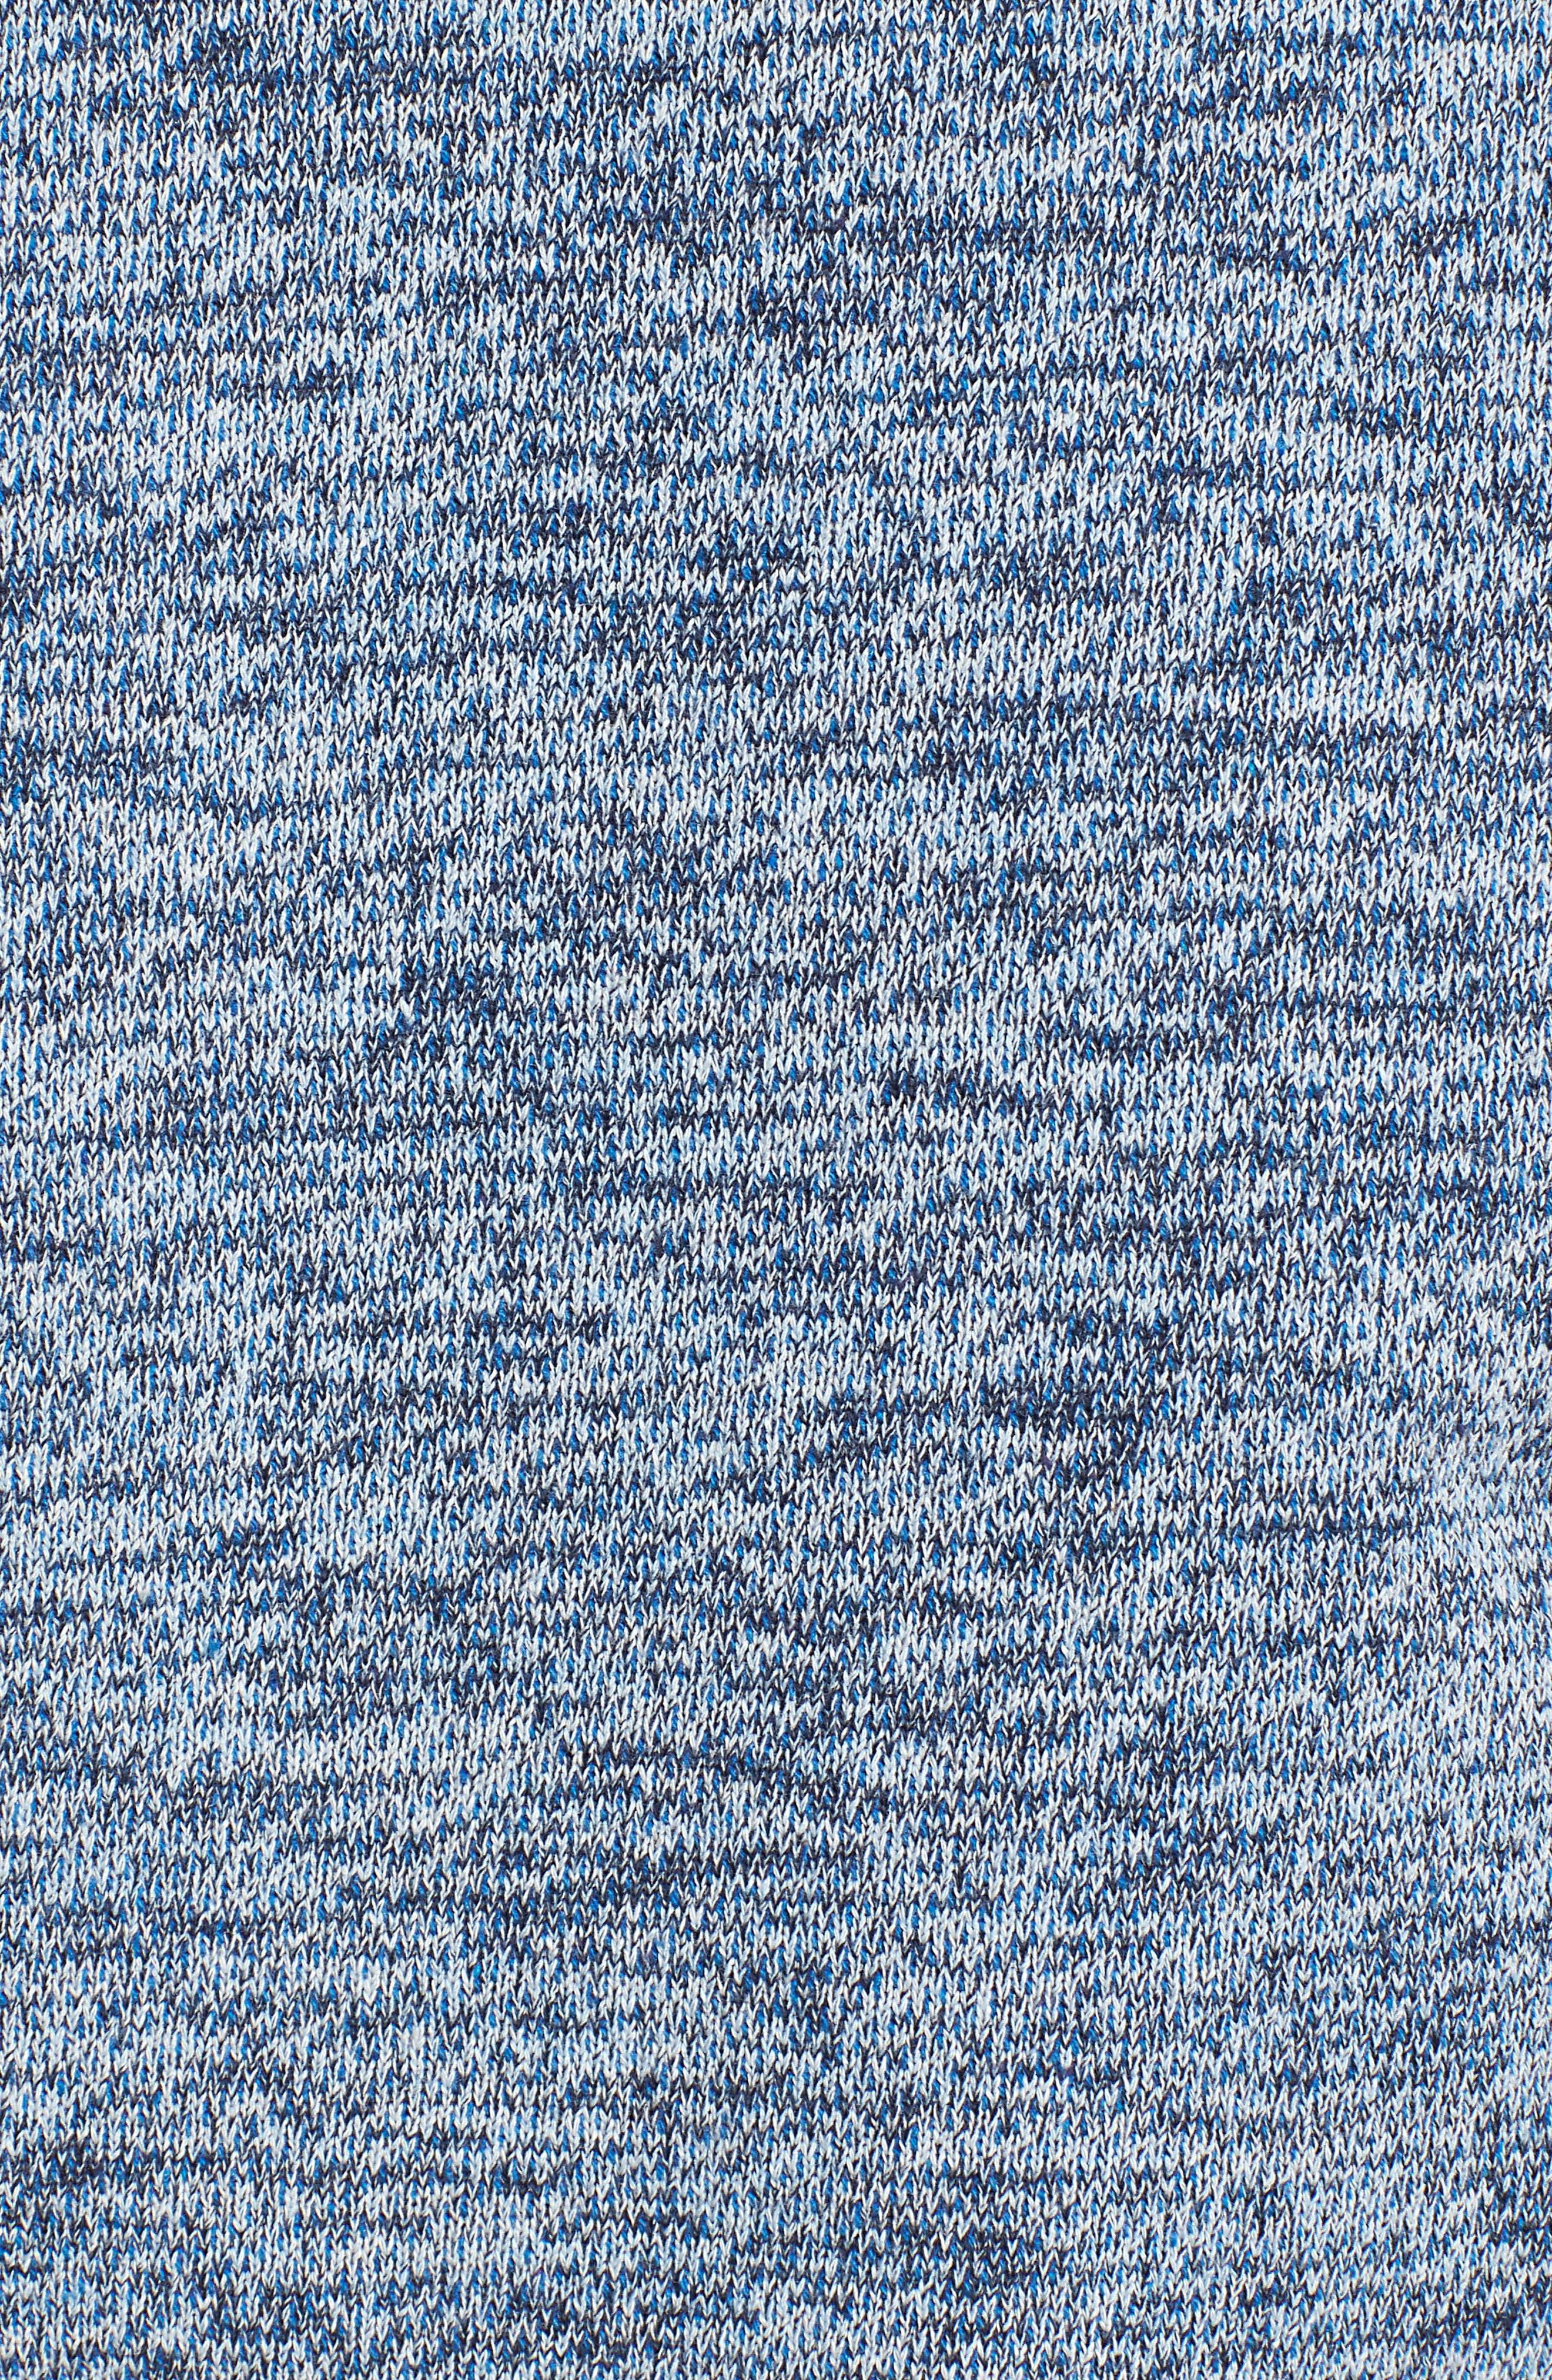 Mélange Sweatshirt,                             Alternate thumbnail 5, color,